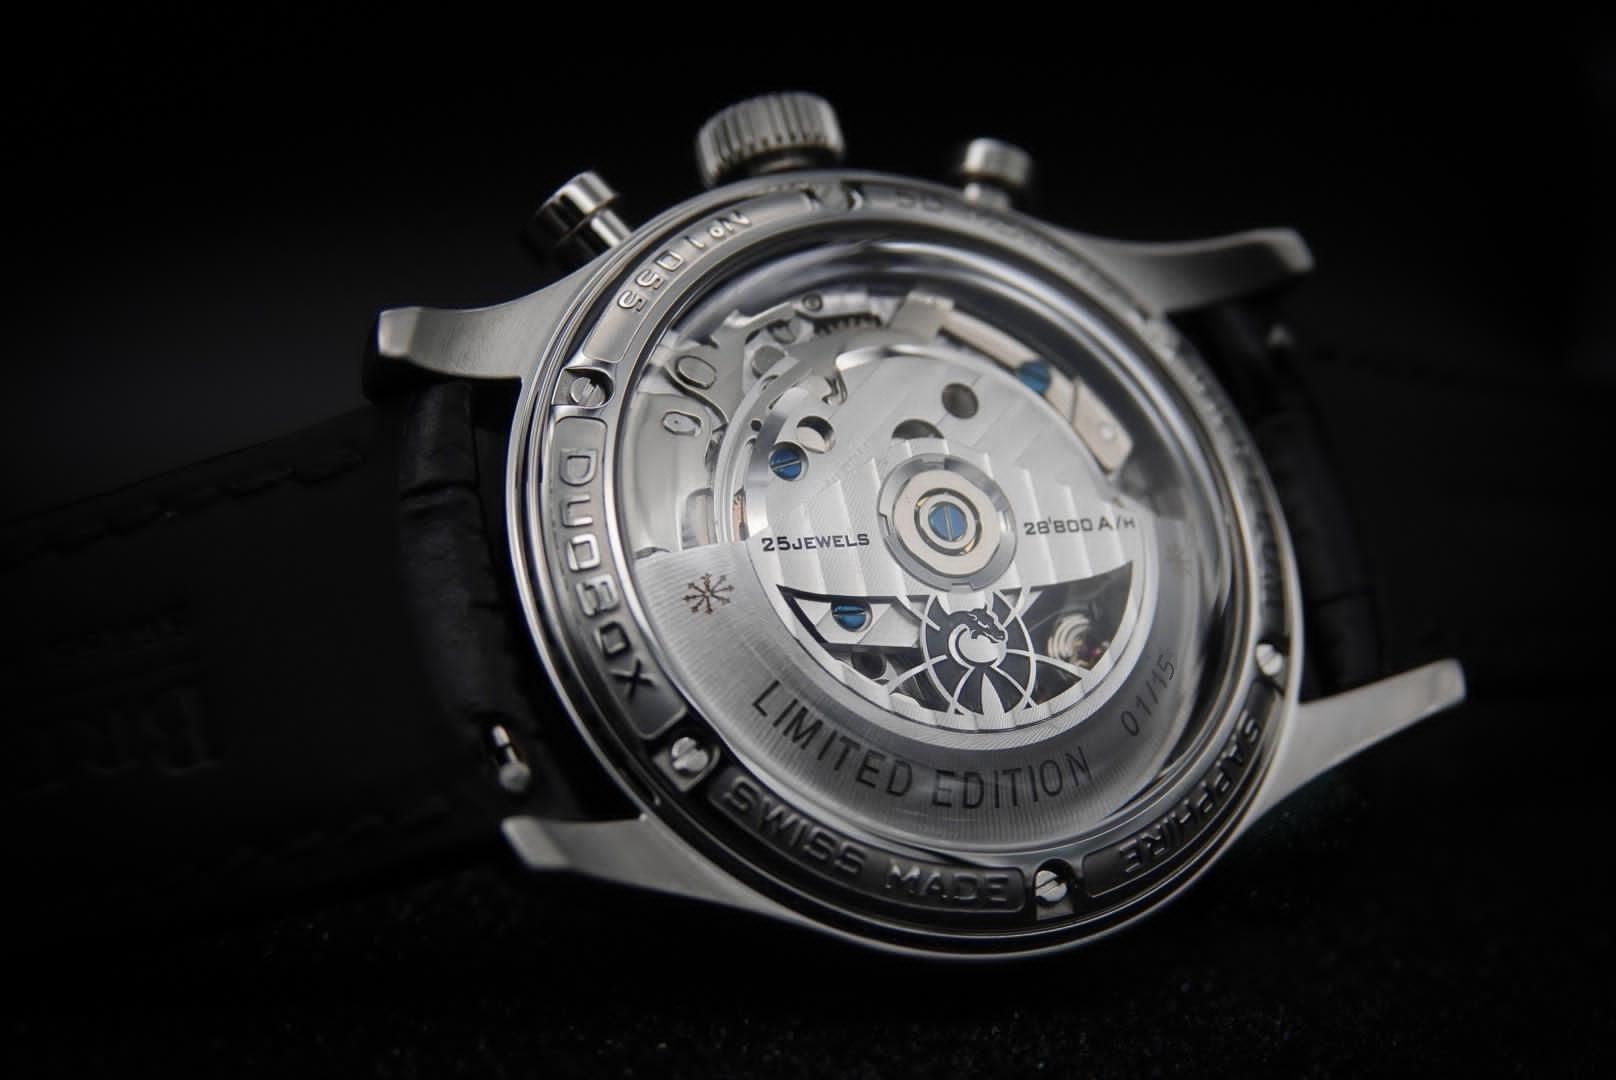 Brellum Duobox LE.8 Chronometer